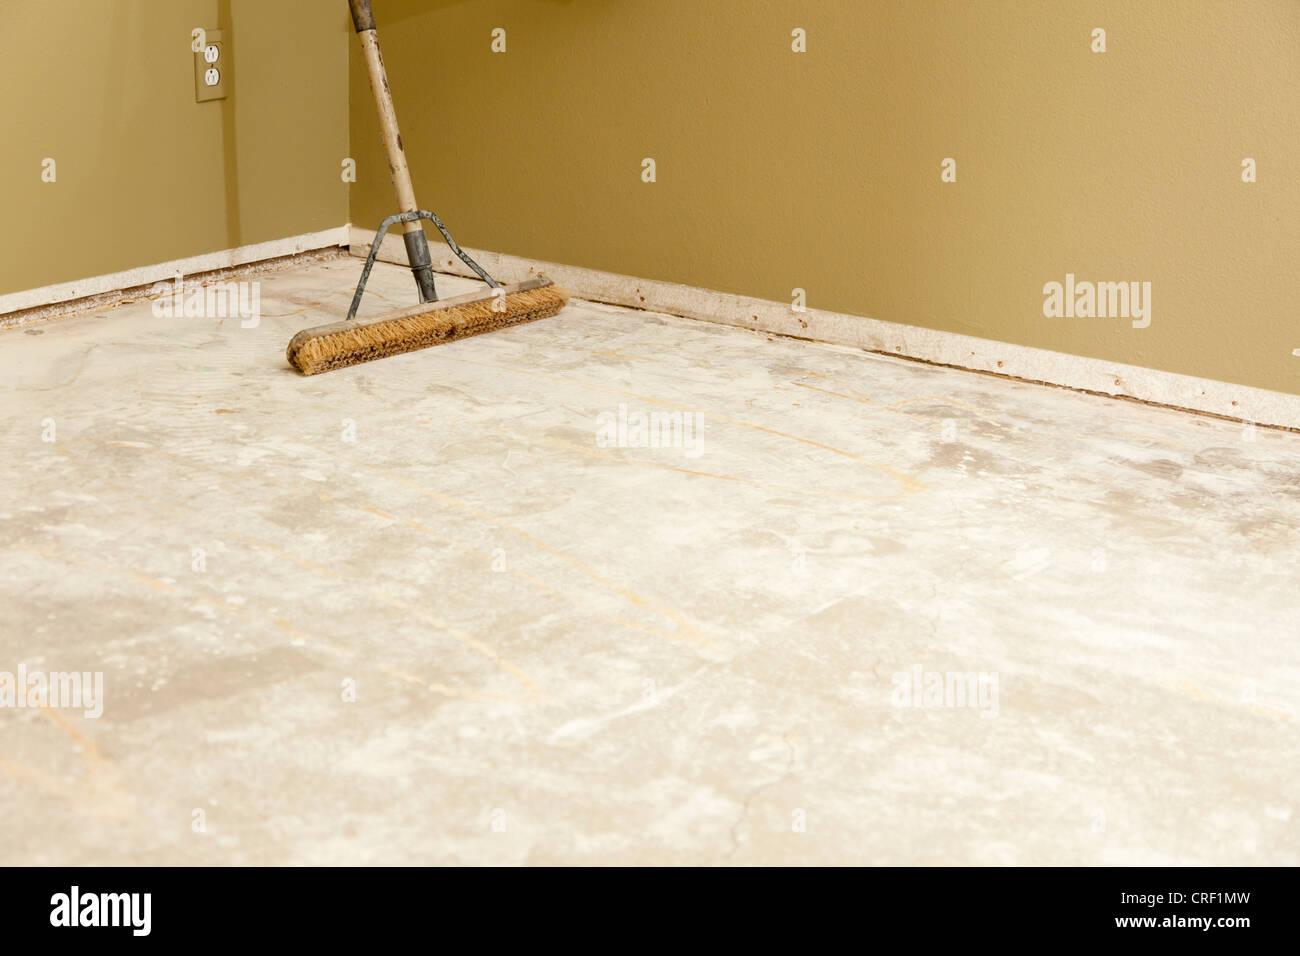 Fußboden Erneuern Beton ~ Leeres haus aus beton boden mit besen ready for flooring